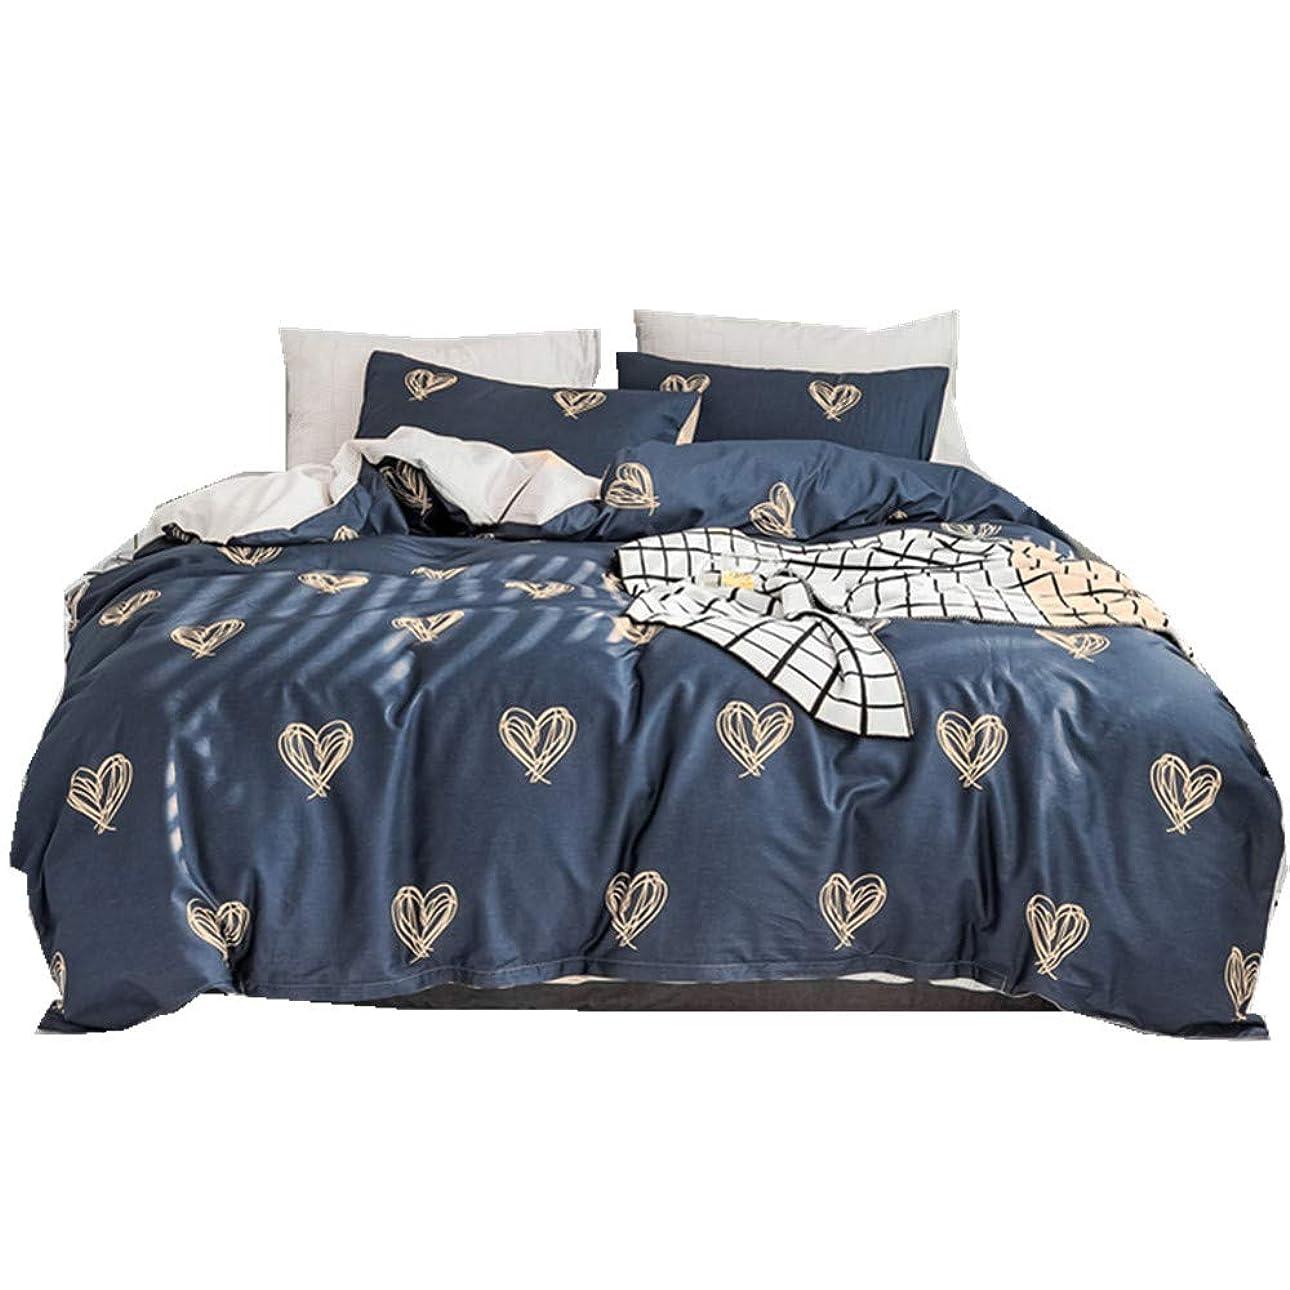 百年戦艦主導権韓式清新風 心形模様 寝具カバーセット 掛け布団カバー シーツ 枕カバー キング